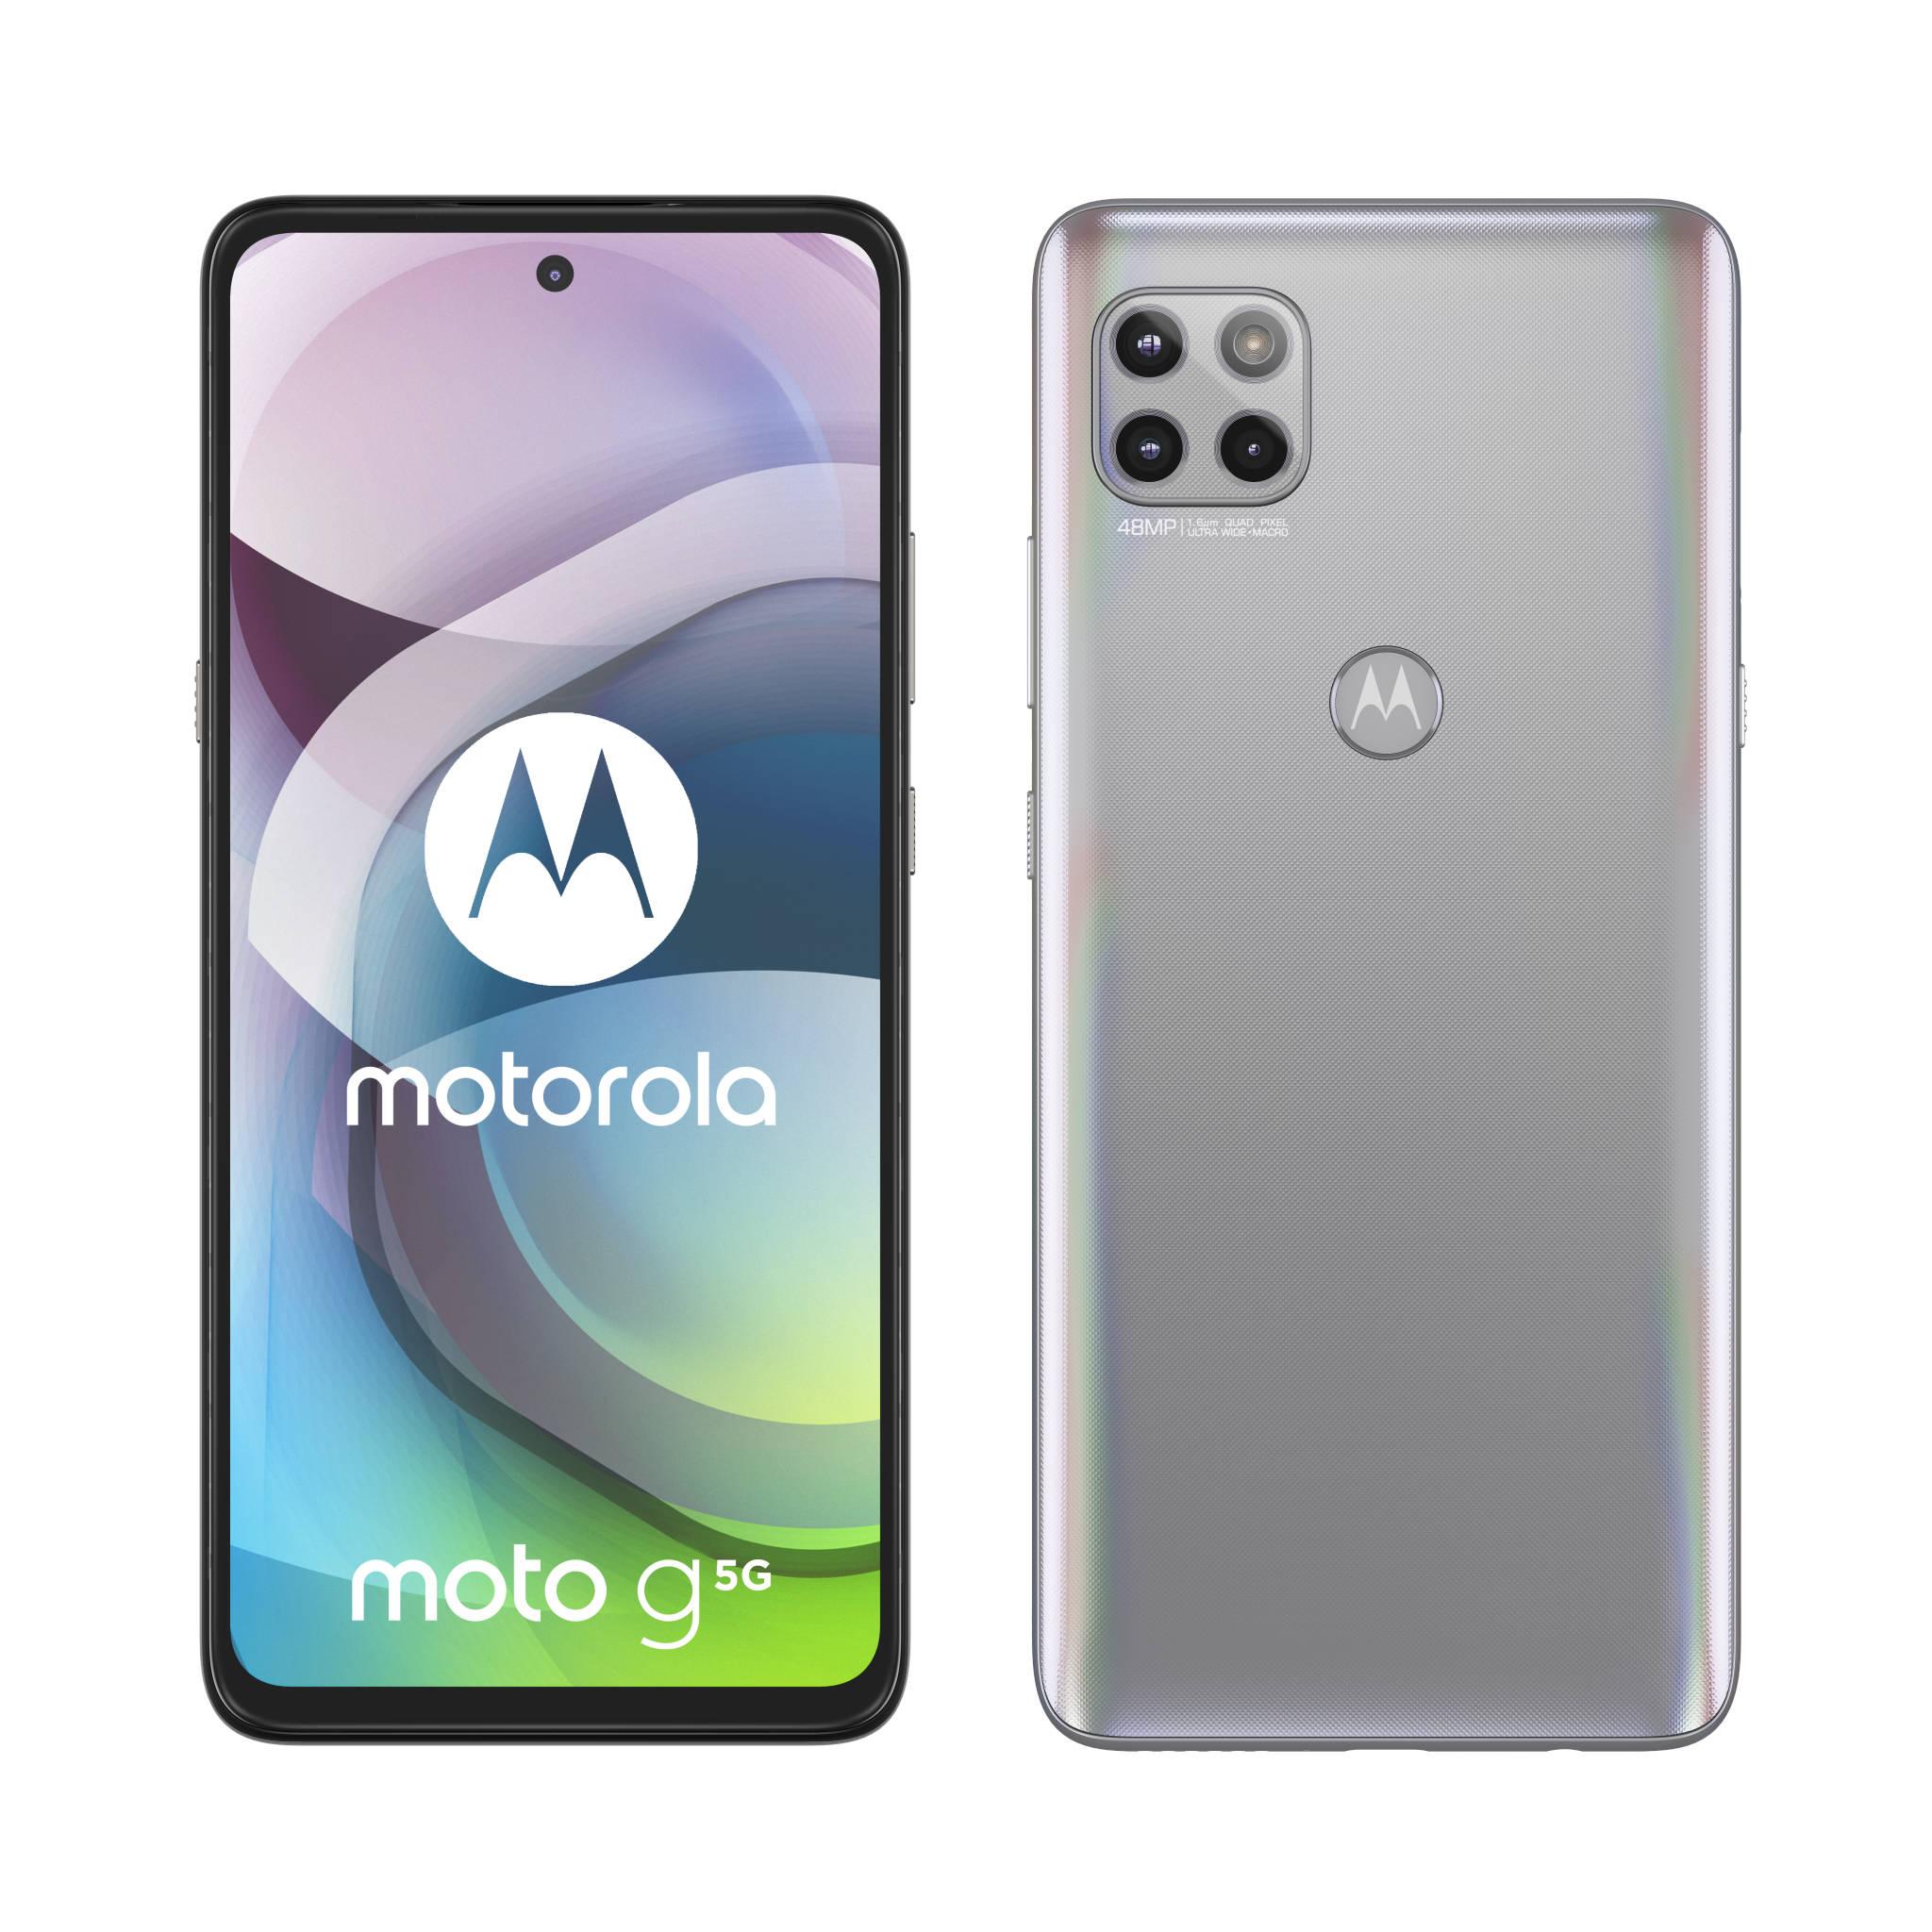 premiera Moto G 5G cena opinie specyfikacja dane techniczne gdzie kupić najtaniej w Polsce